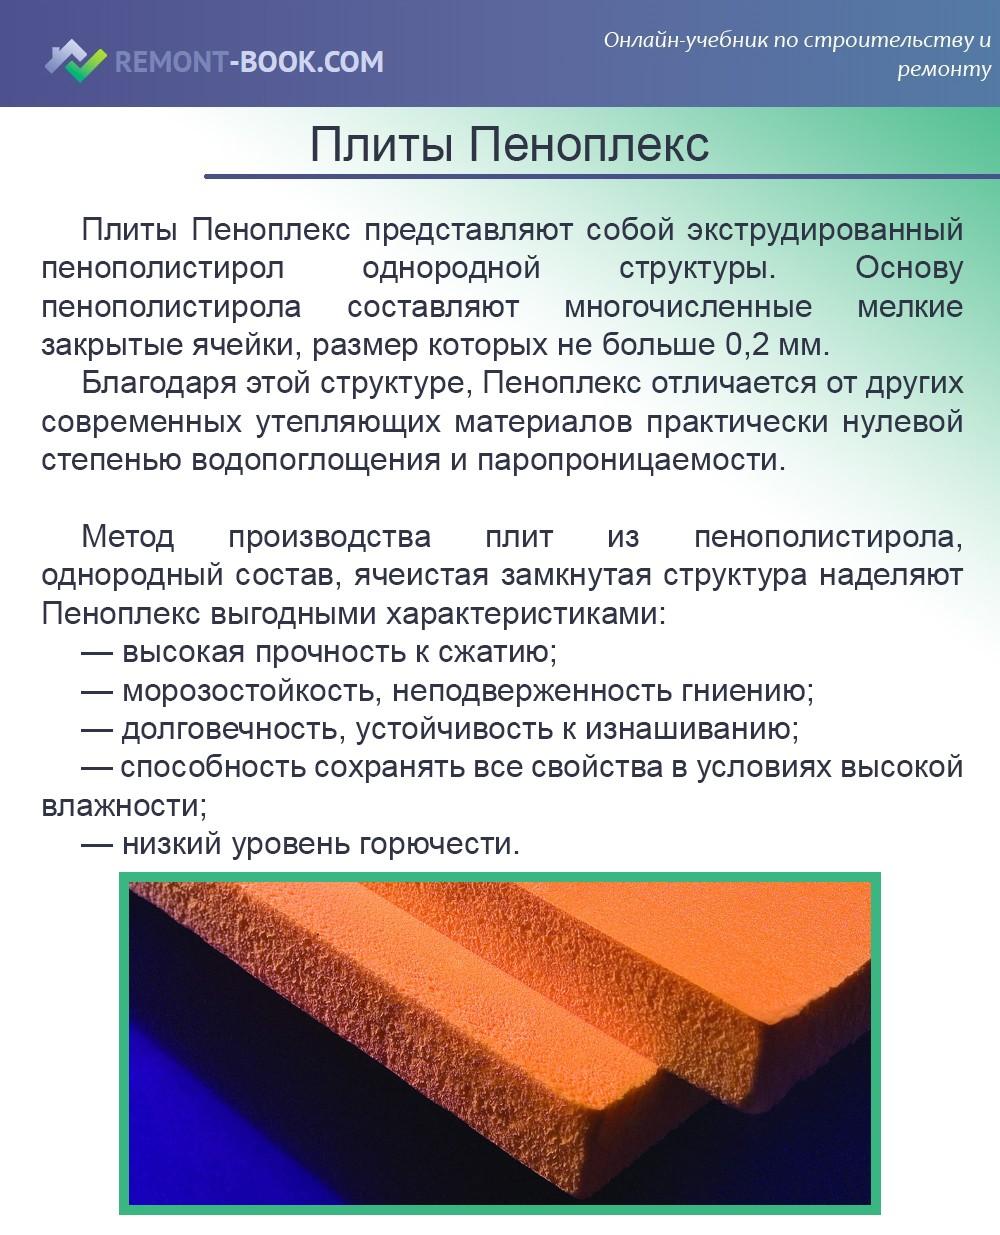 Плиты Пеноплекс